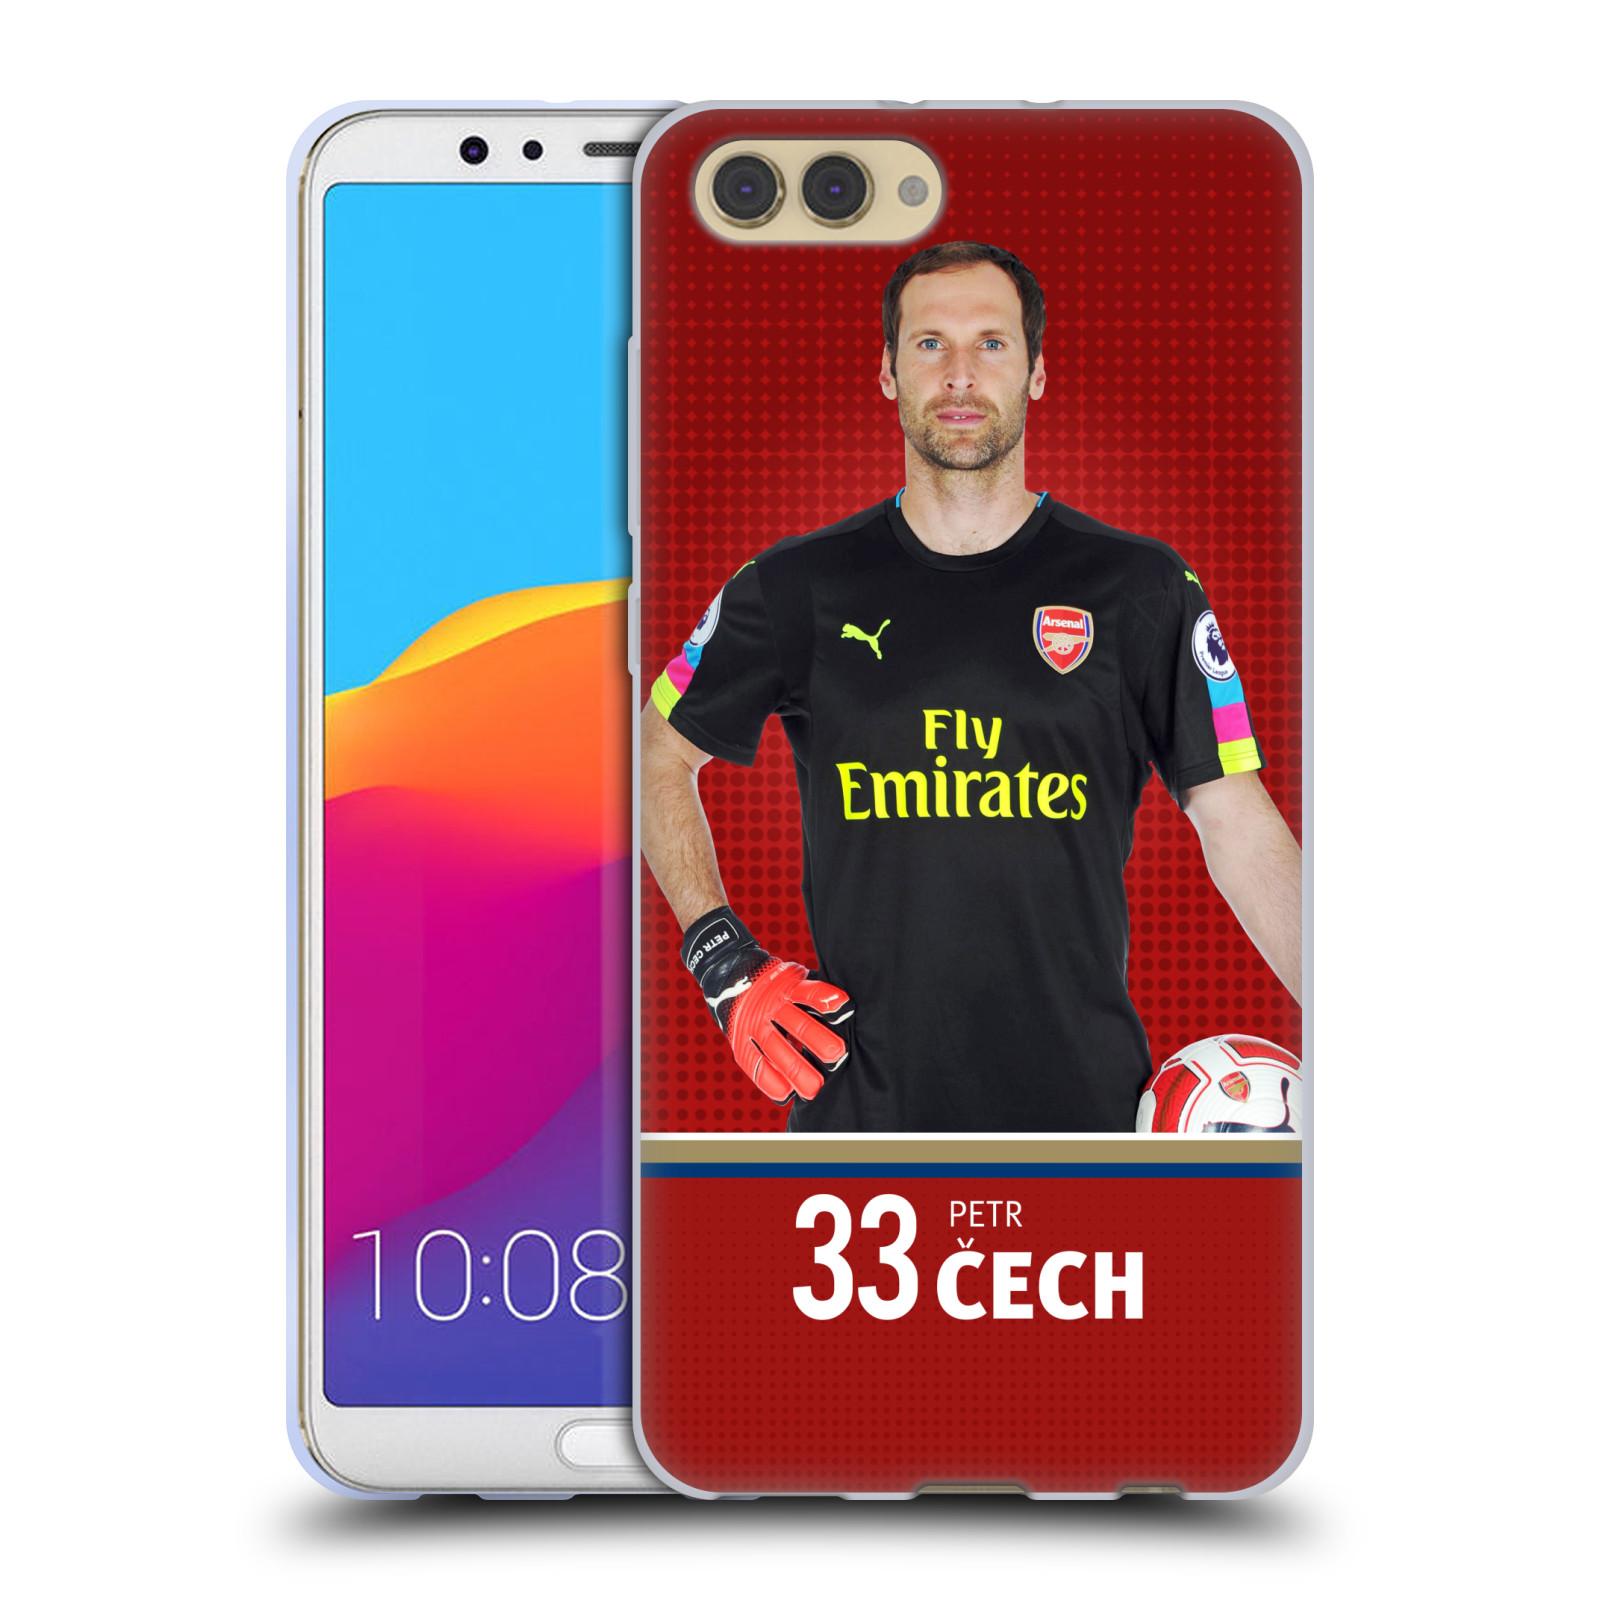 Silikonové pouzdro na mobil Honor View 10 - Head Case - Arsenal FC - Petr Čech